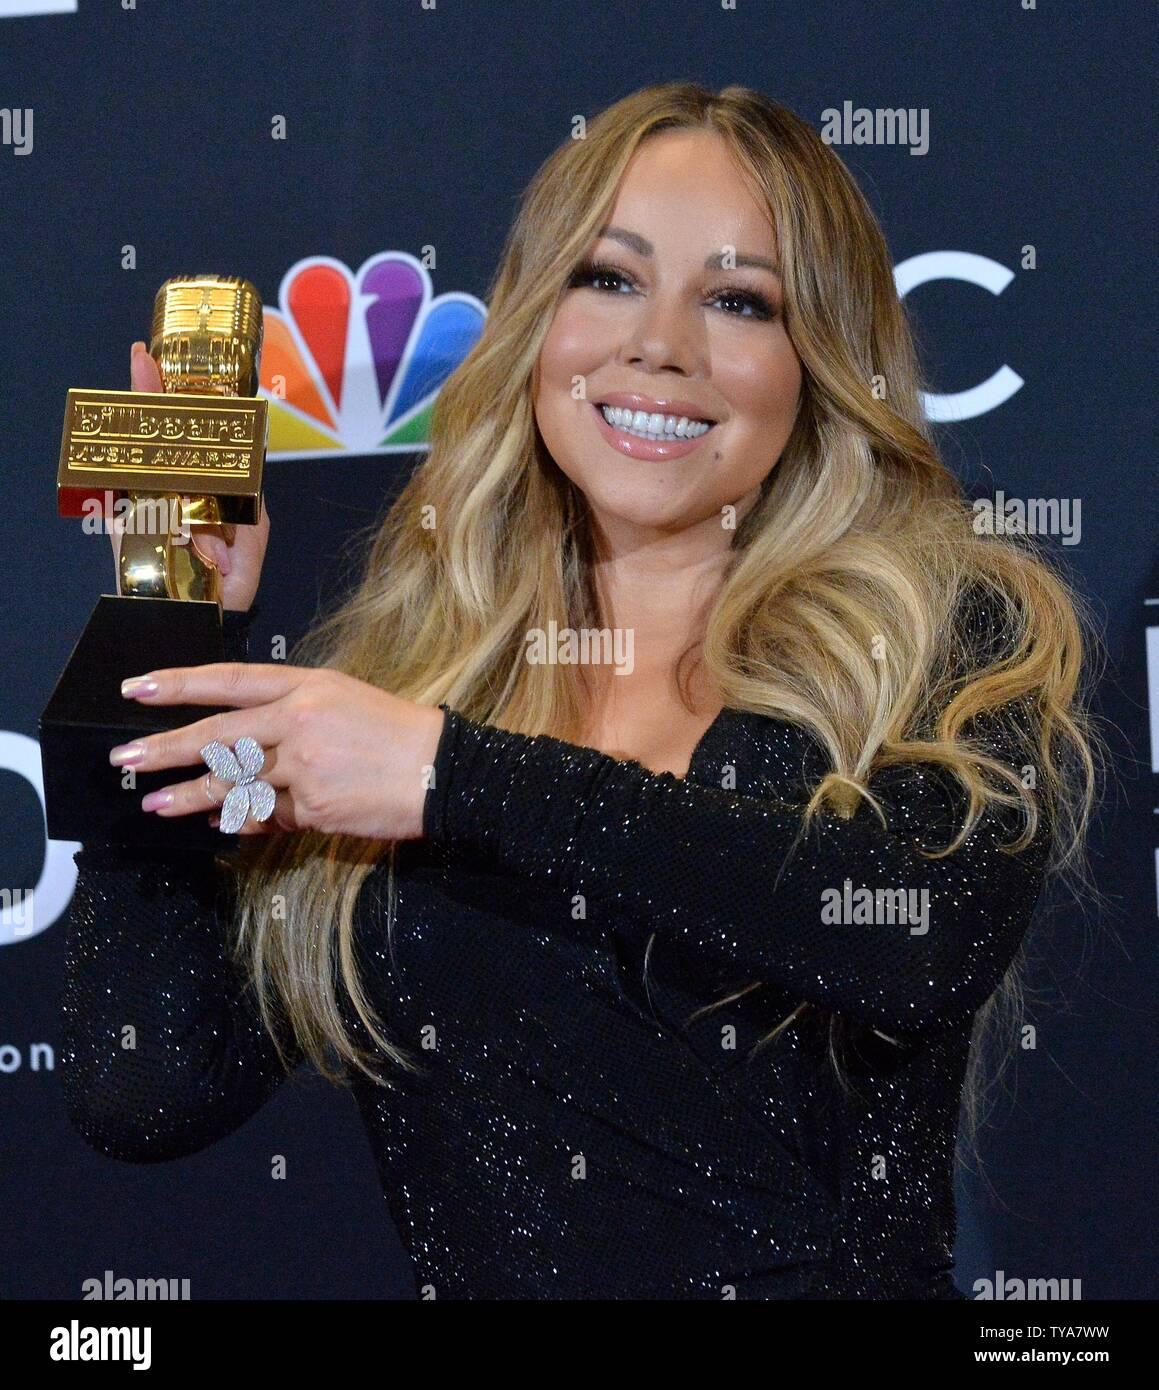 Mariah Carey aparece backstage después de ganar el premio Icono durante el 2019 Billboard Music Awards en el MGM Grand Garden Arena en Las Vegas, Nevada, el 1 de mayo de 2019. Foto por Jim Ruymen/UPI Foto de stock